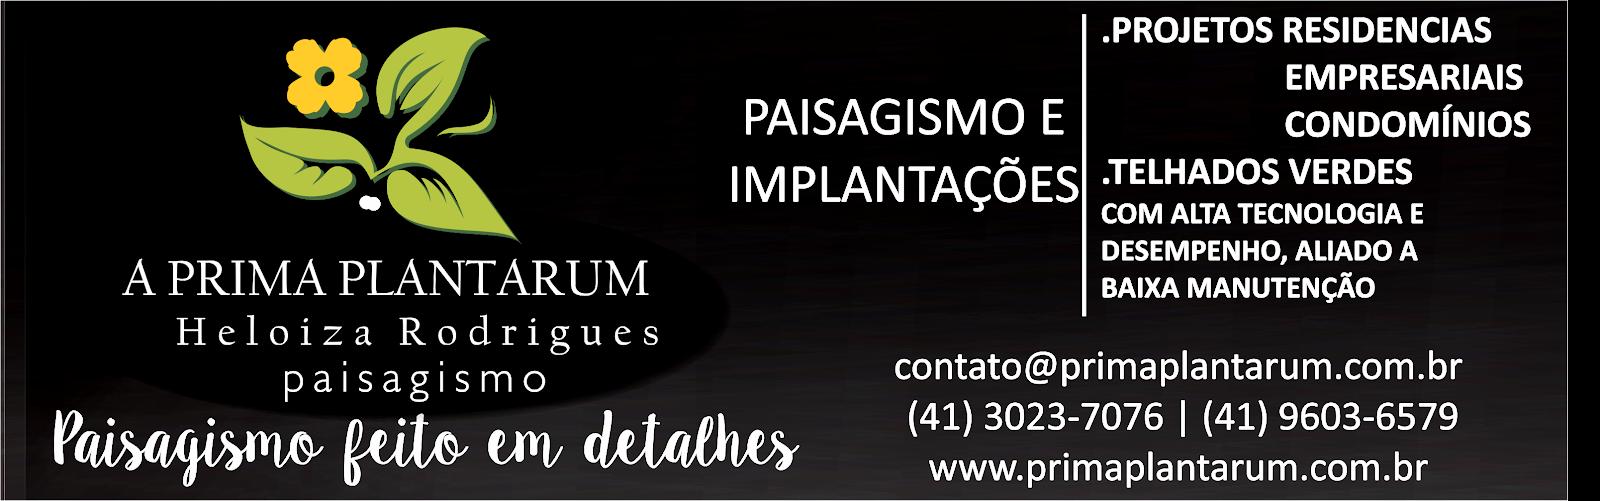 HELOIZA RODRIGUES | A PRIMA PLANTARUM | projetos e implantações de paisagismo